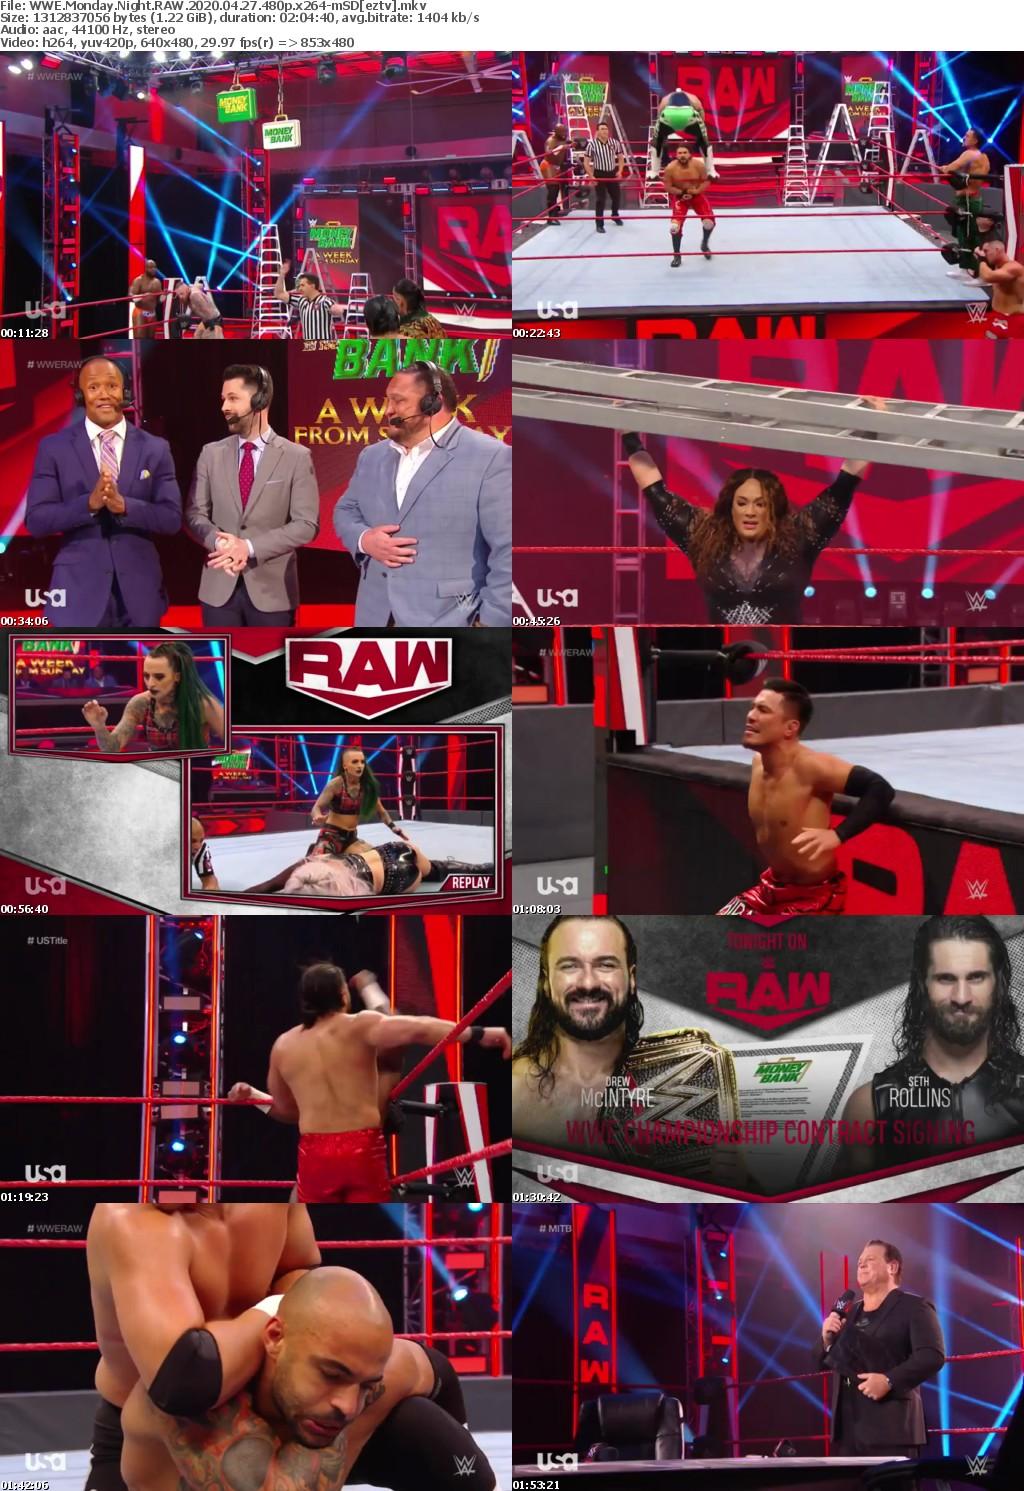 WWE Monday Night RAW 2020 04 27 480p x264-mSD